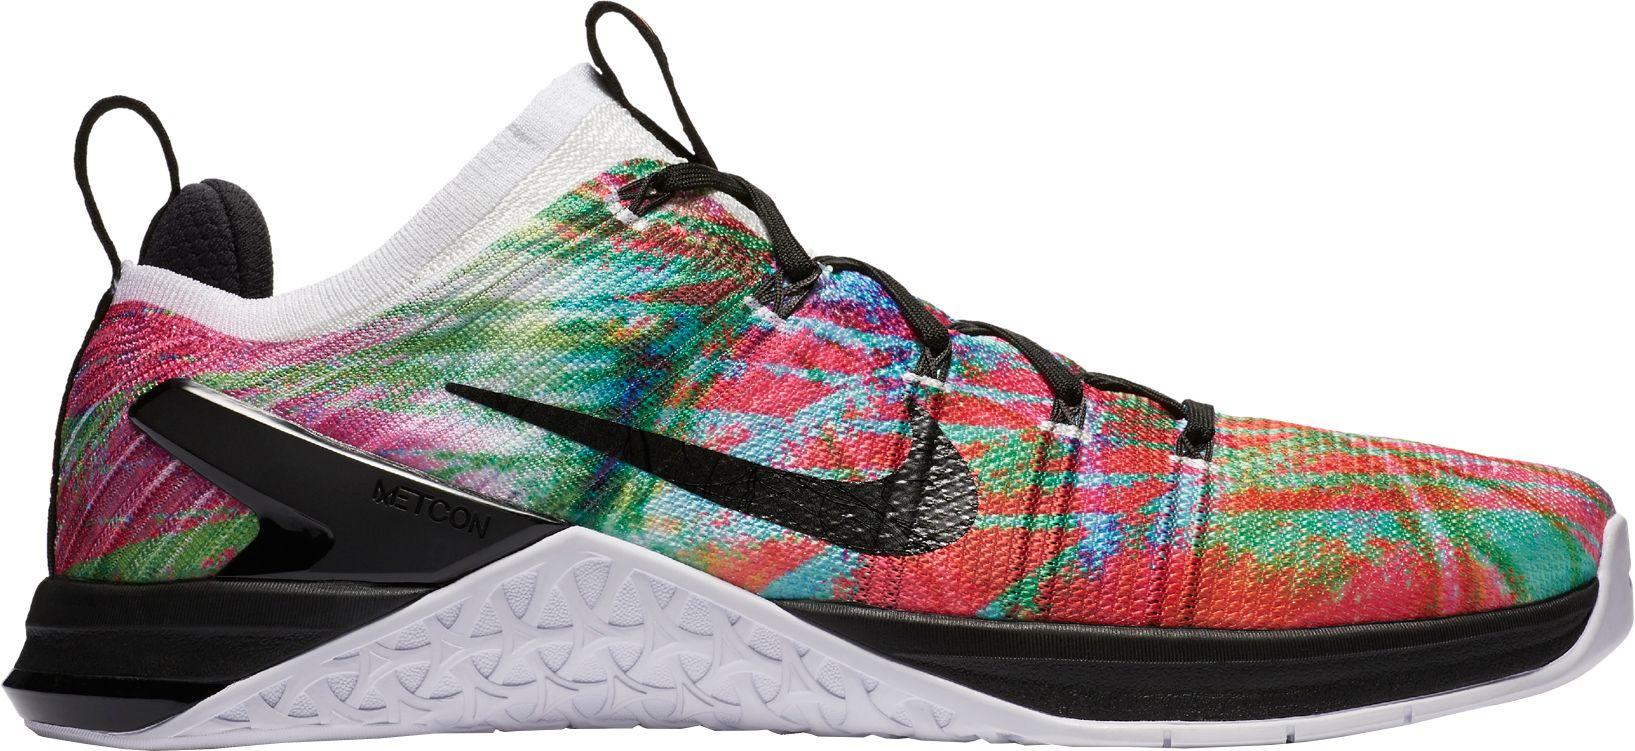 Nike Hombres Zapatillas Metcon Dsx Flyknit 2 Wod Paradise Zapatillas Hombres De Entrenamiento Dick 910d0c